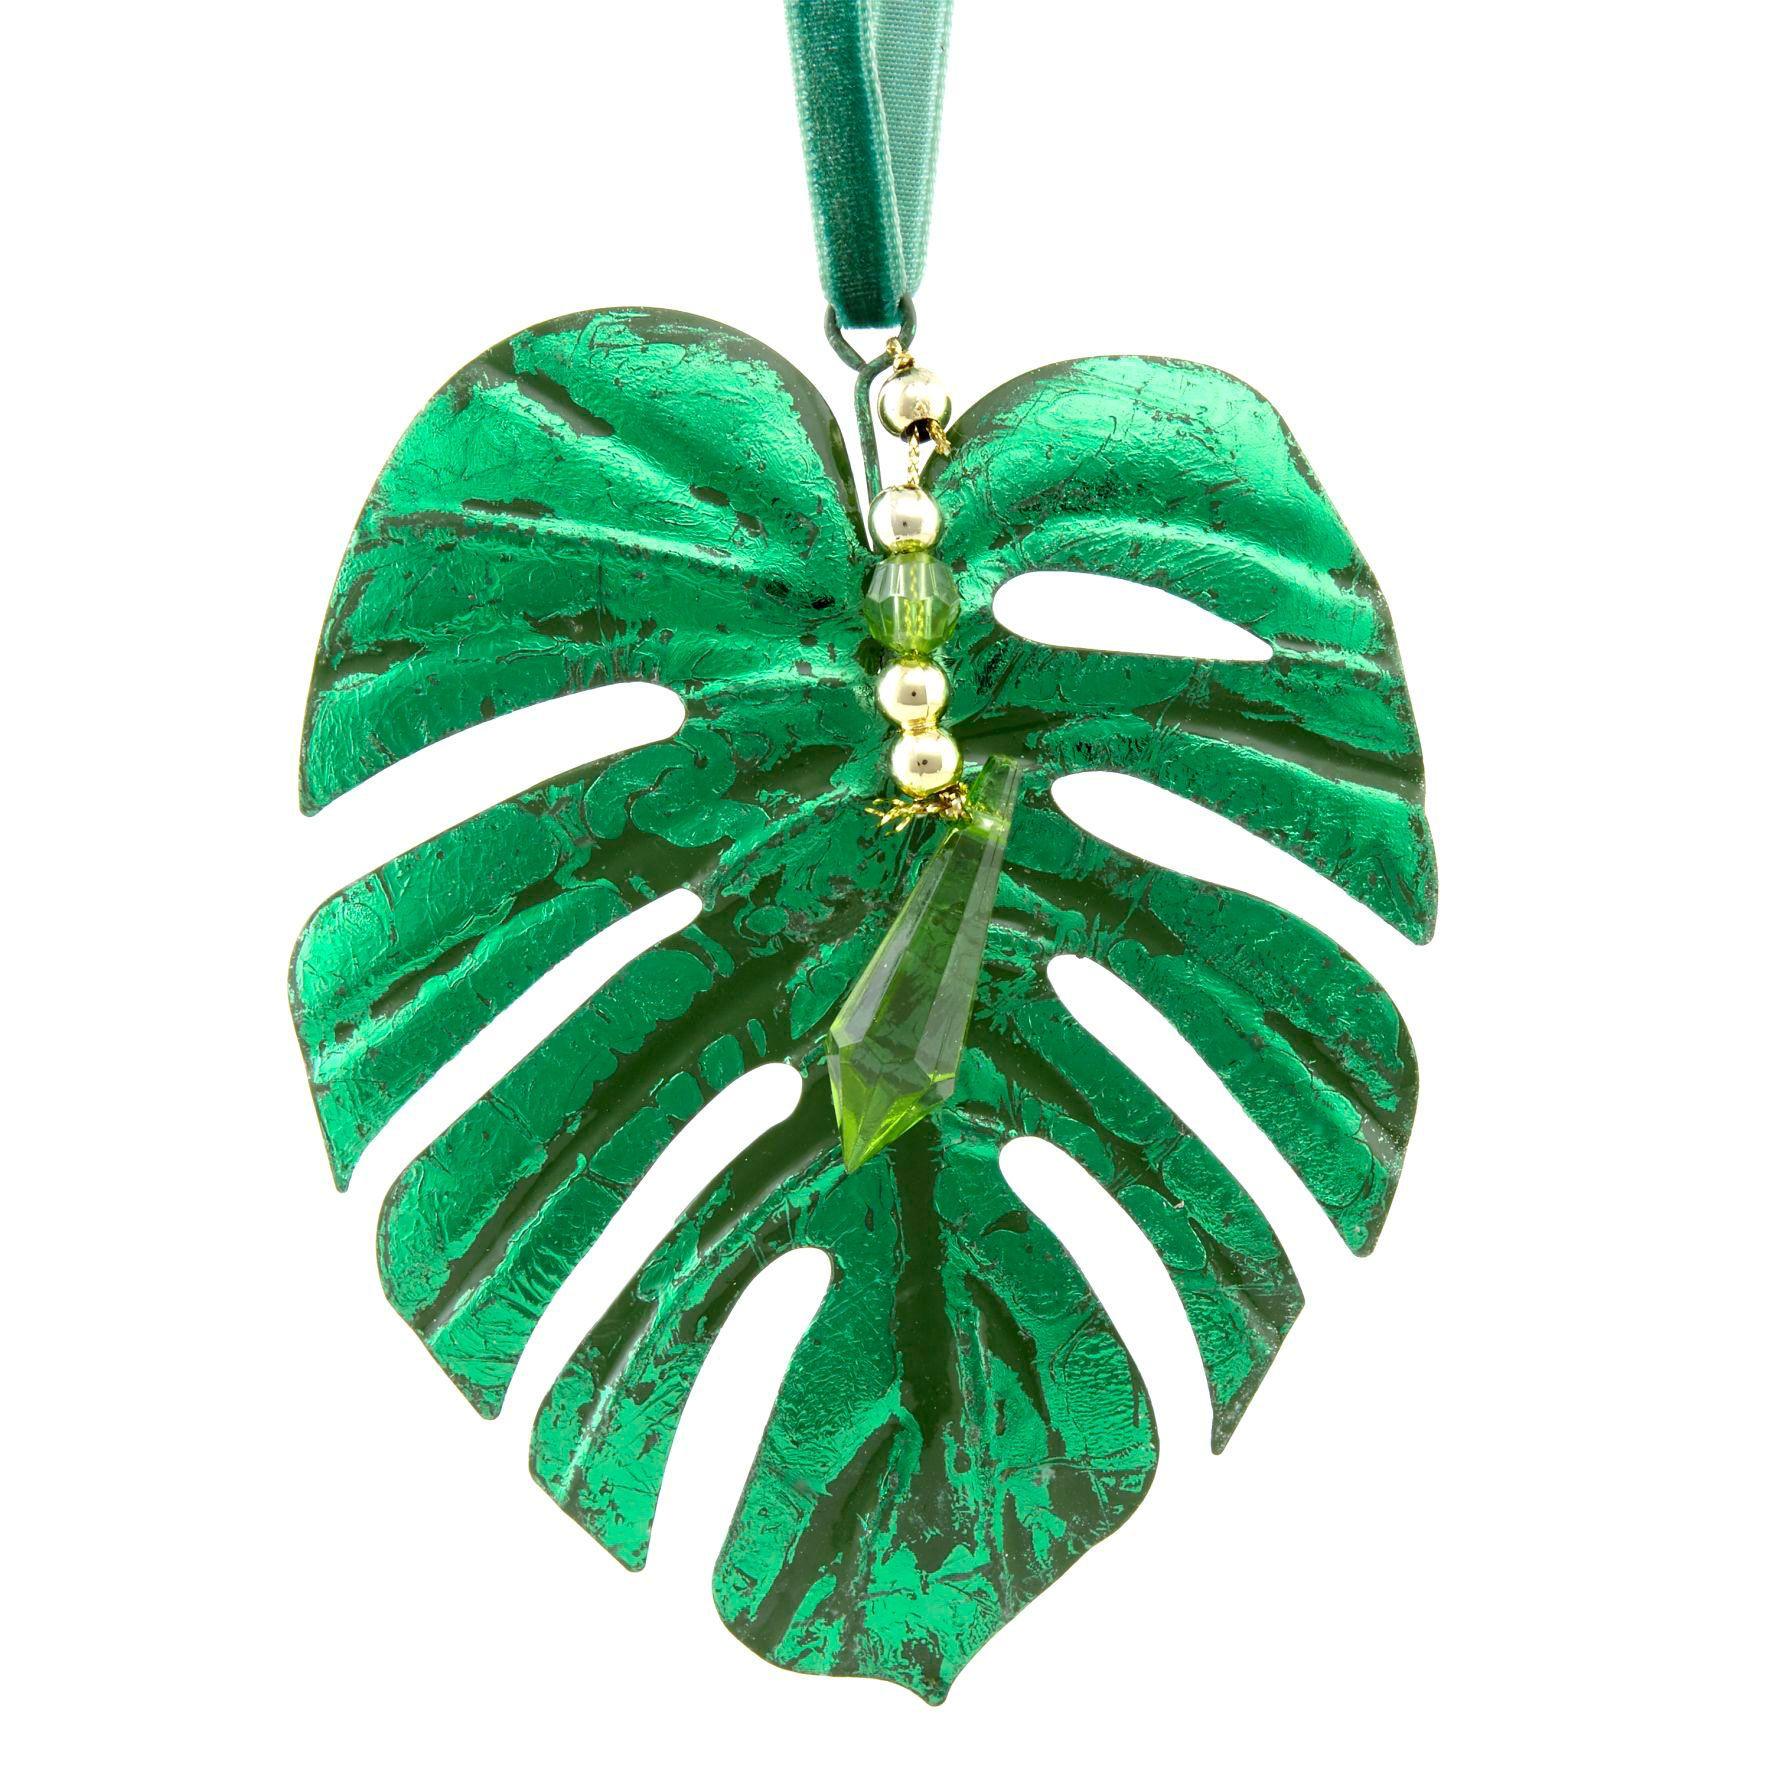 leaf-1535637638_1.jpg